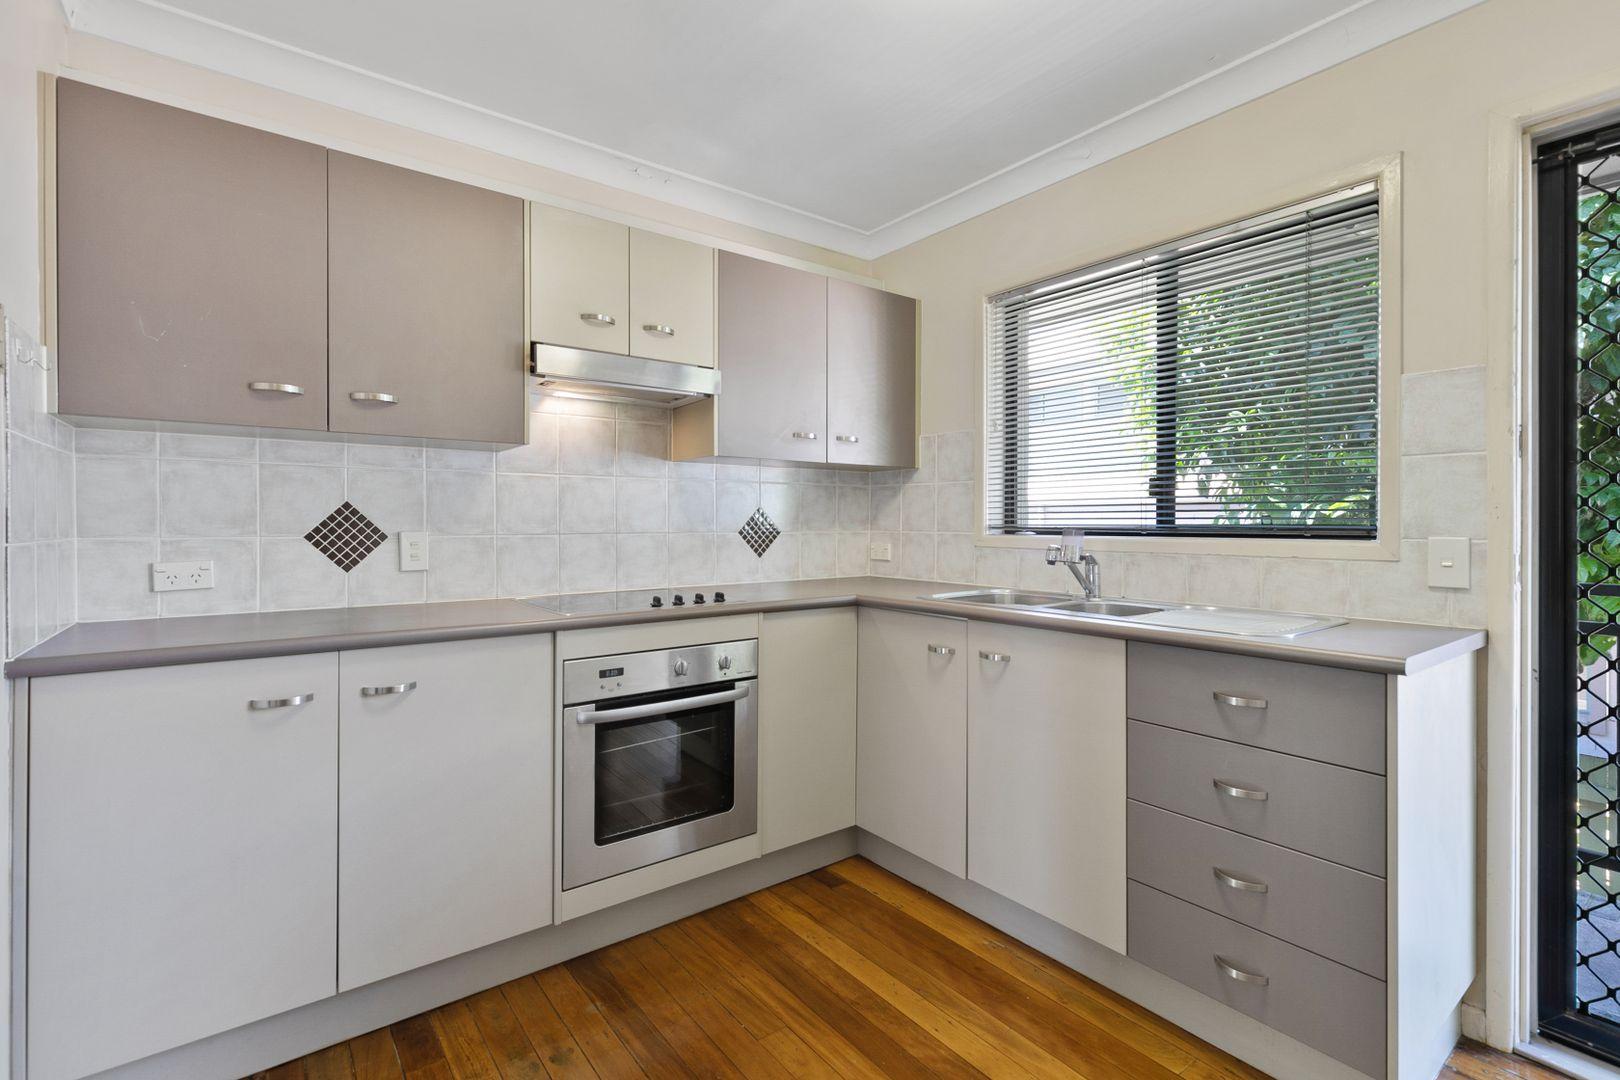 2/10 Biran St, Camp Hill QLD 4152, Image 0